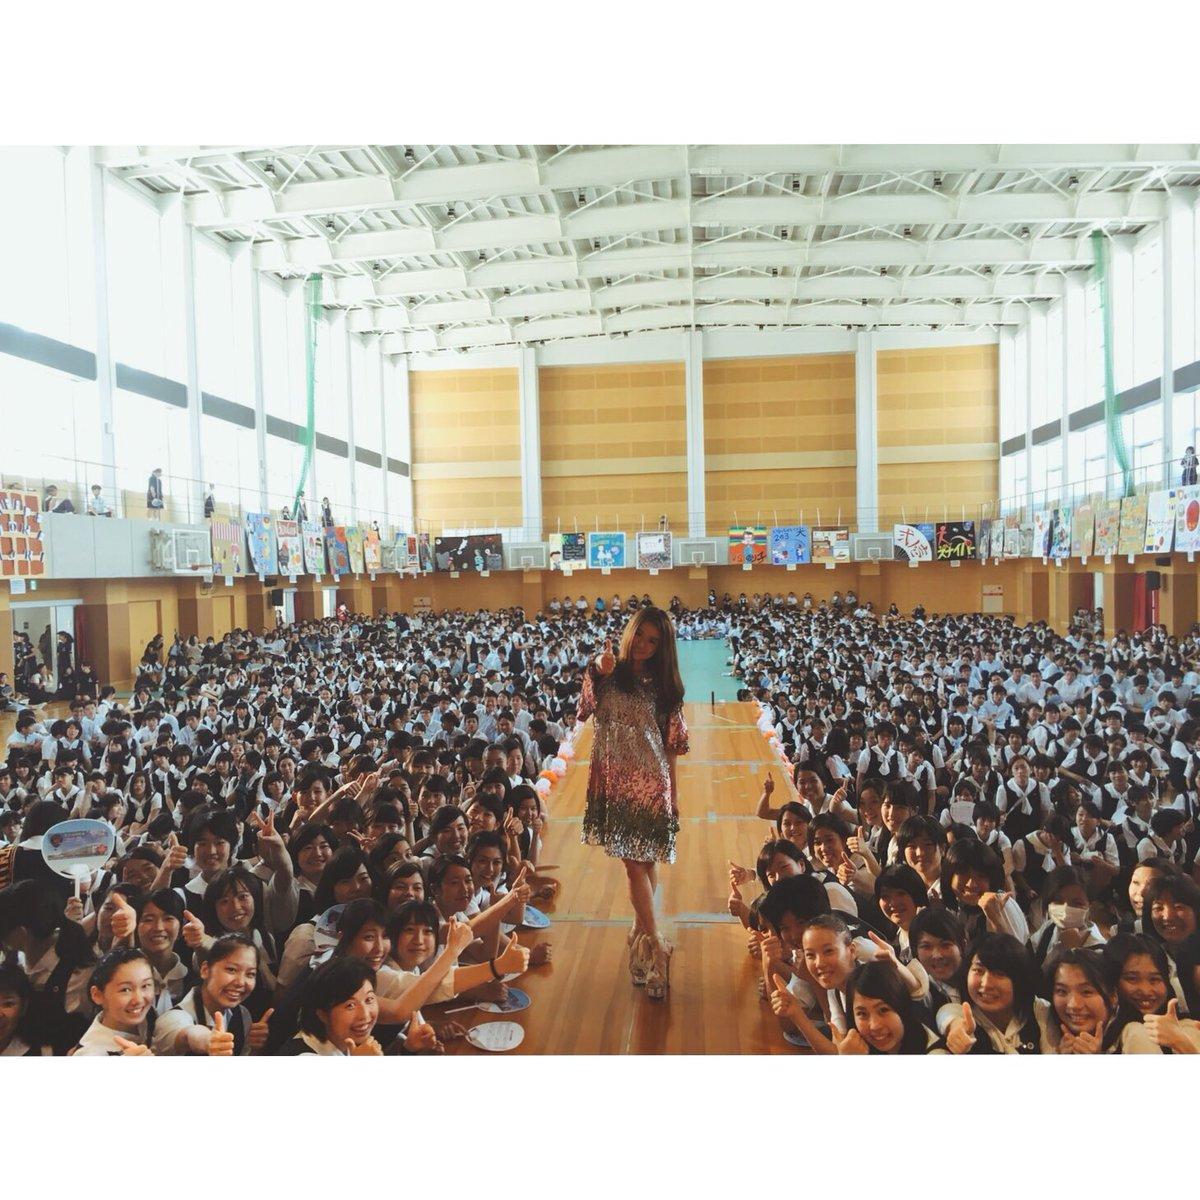 今日は佐賀清和学園へ 力強い手拍子と、女子の黄色い声援が印象的でした 清和祭大成功しますように。#清和祭 #学園祭 #ライブ https://t.co/eYlJ9sdVZG